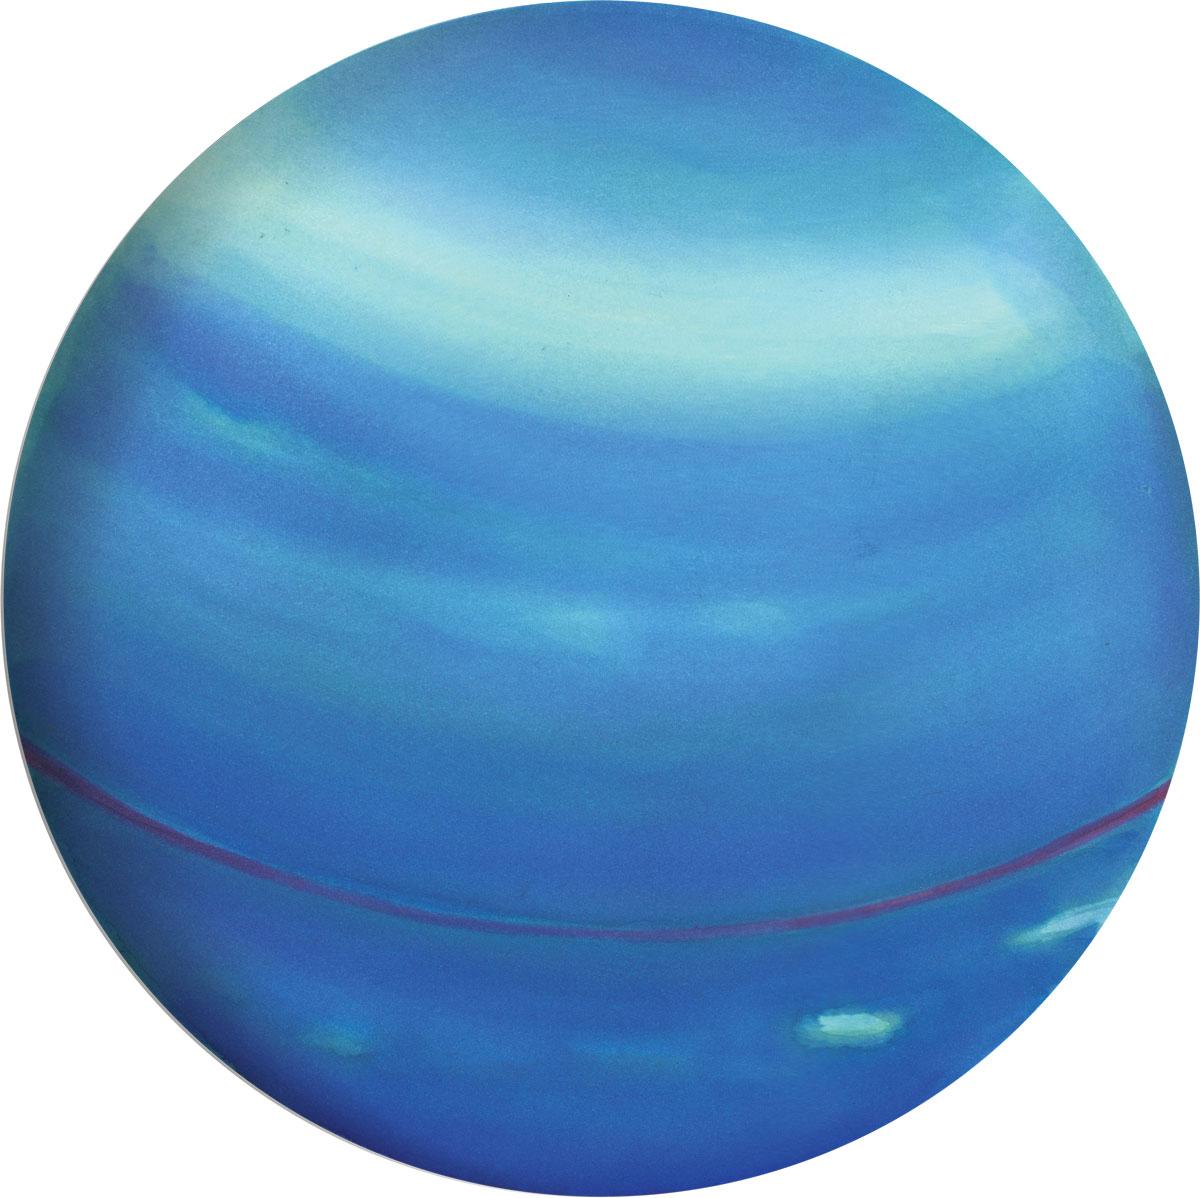 <p>Uranus</p>